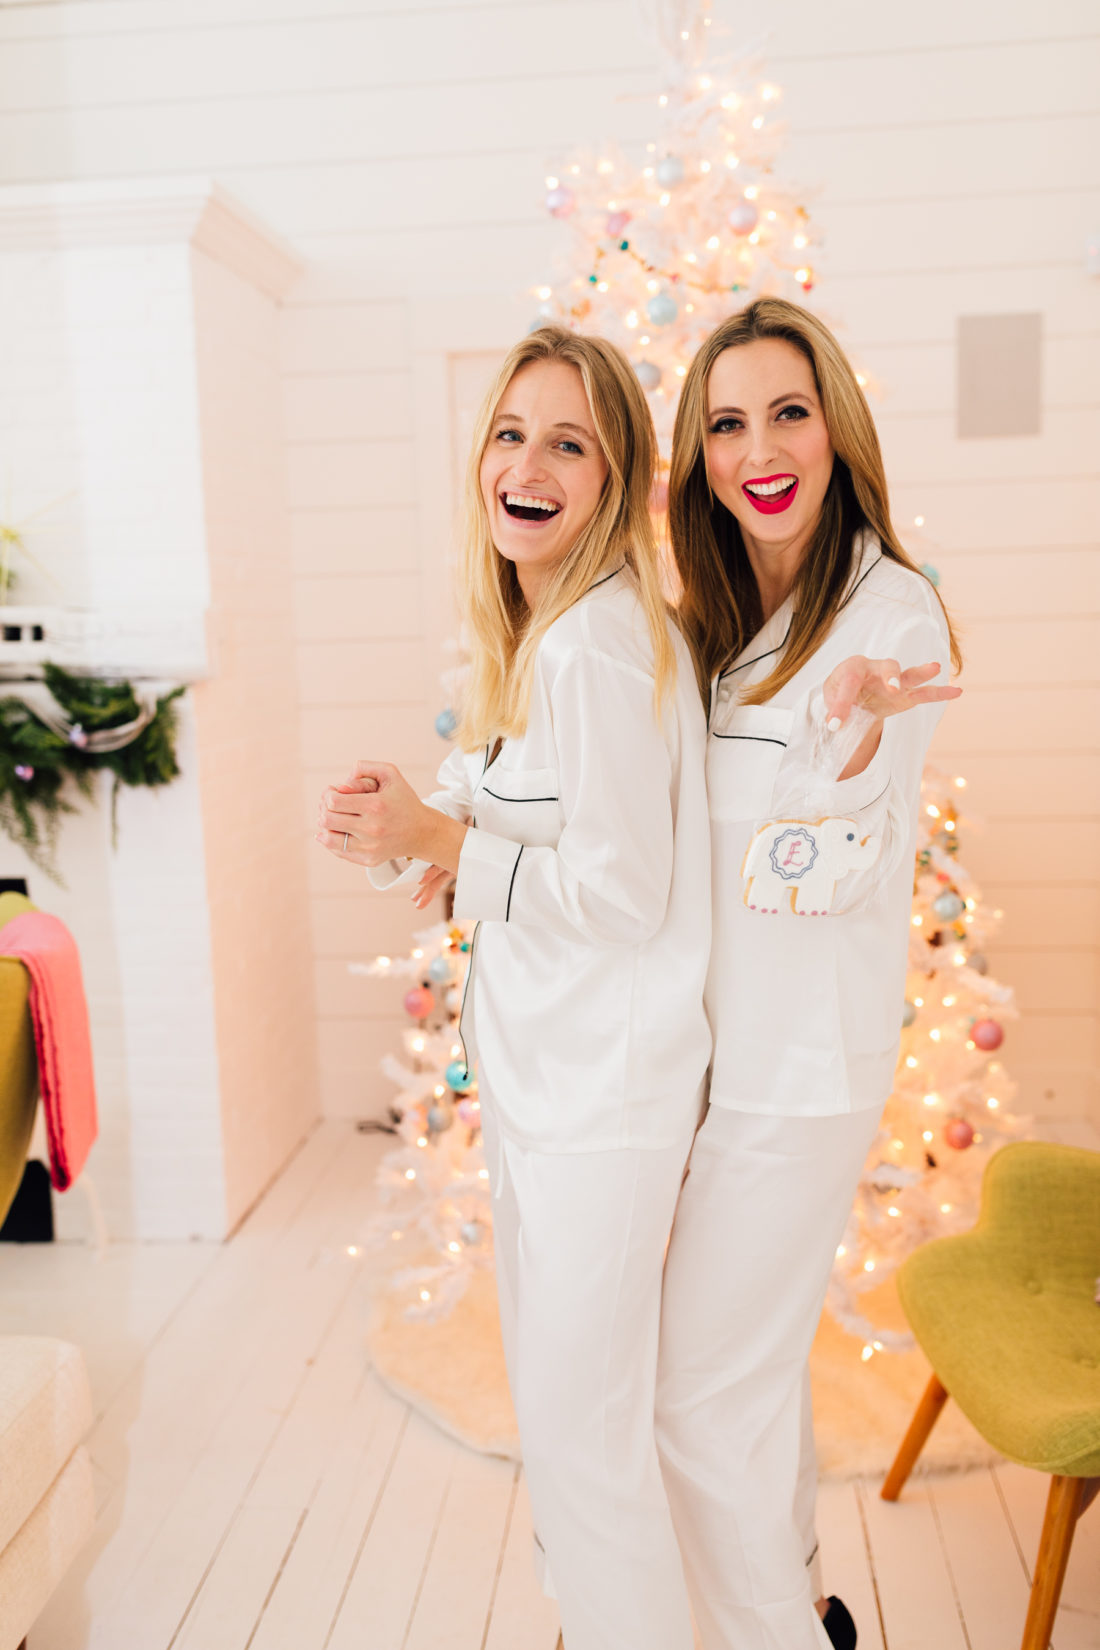 Bloggers Eva Amurri and Stephanie Trotta pose in their matching silk pajamas